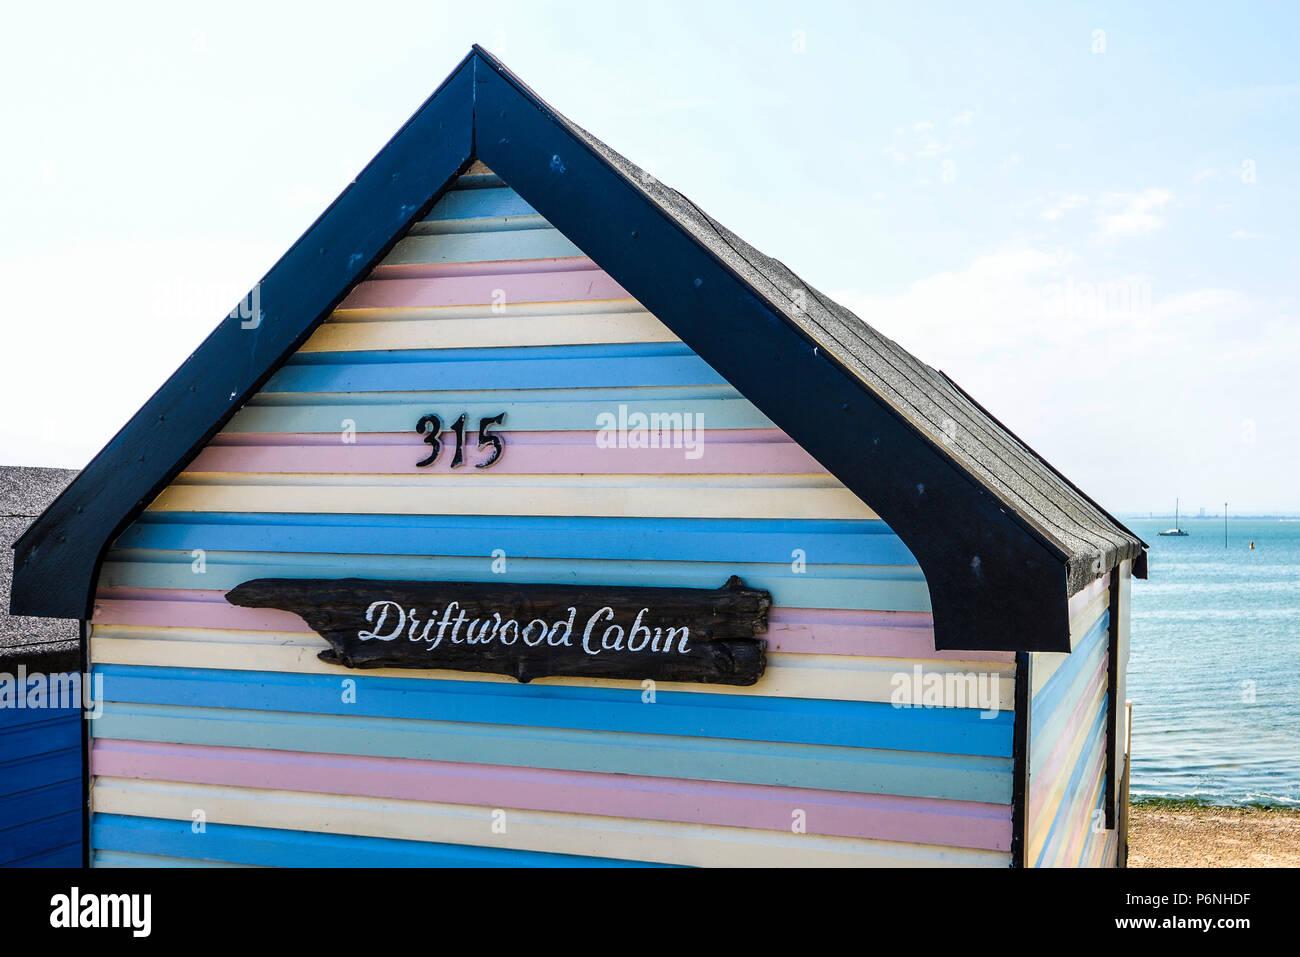 Driftwood Cabaña. Colorido multicolores stripey cabaña en la playa en la Bahía de Thorpe, Southend on Sea, Essex, Reino Unido. Cabaña de madera pintada. Colores pastel. 315 Imagen De Stock